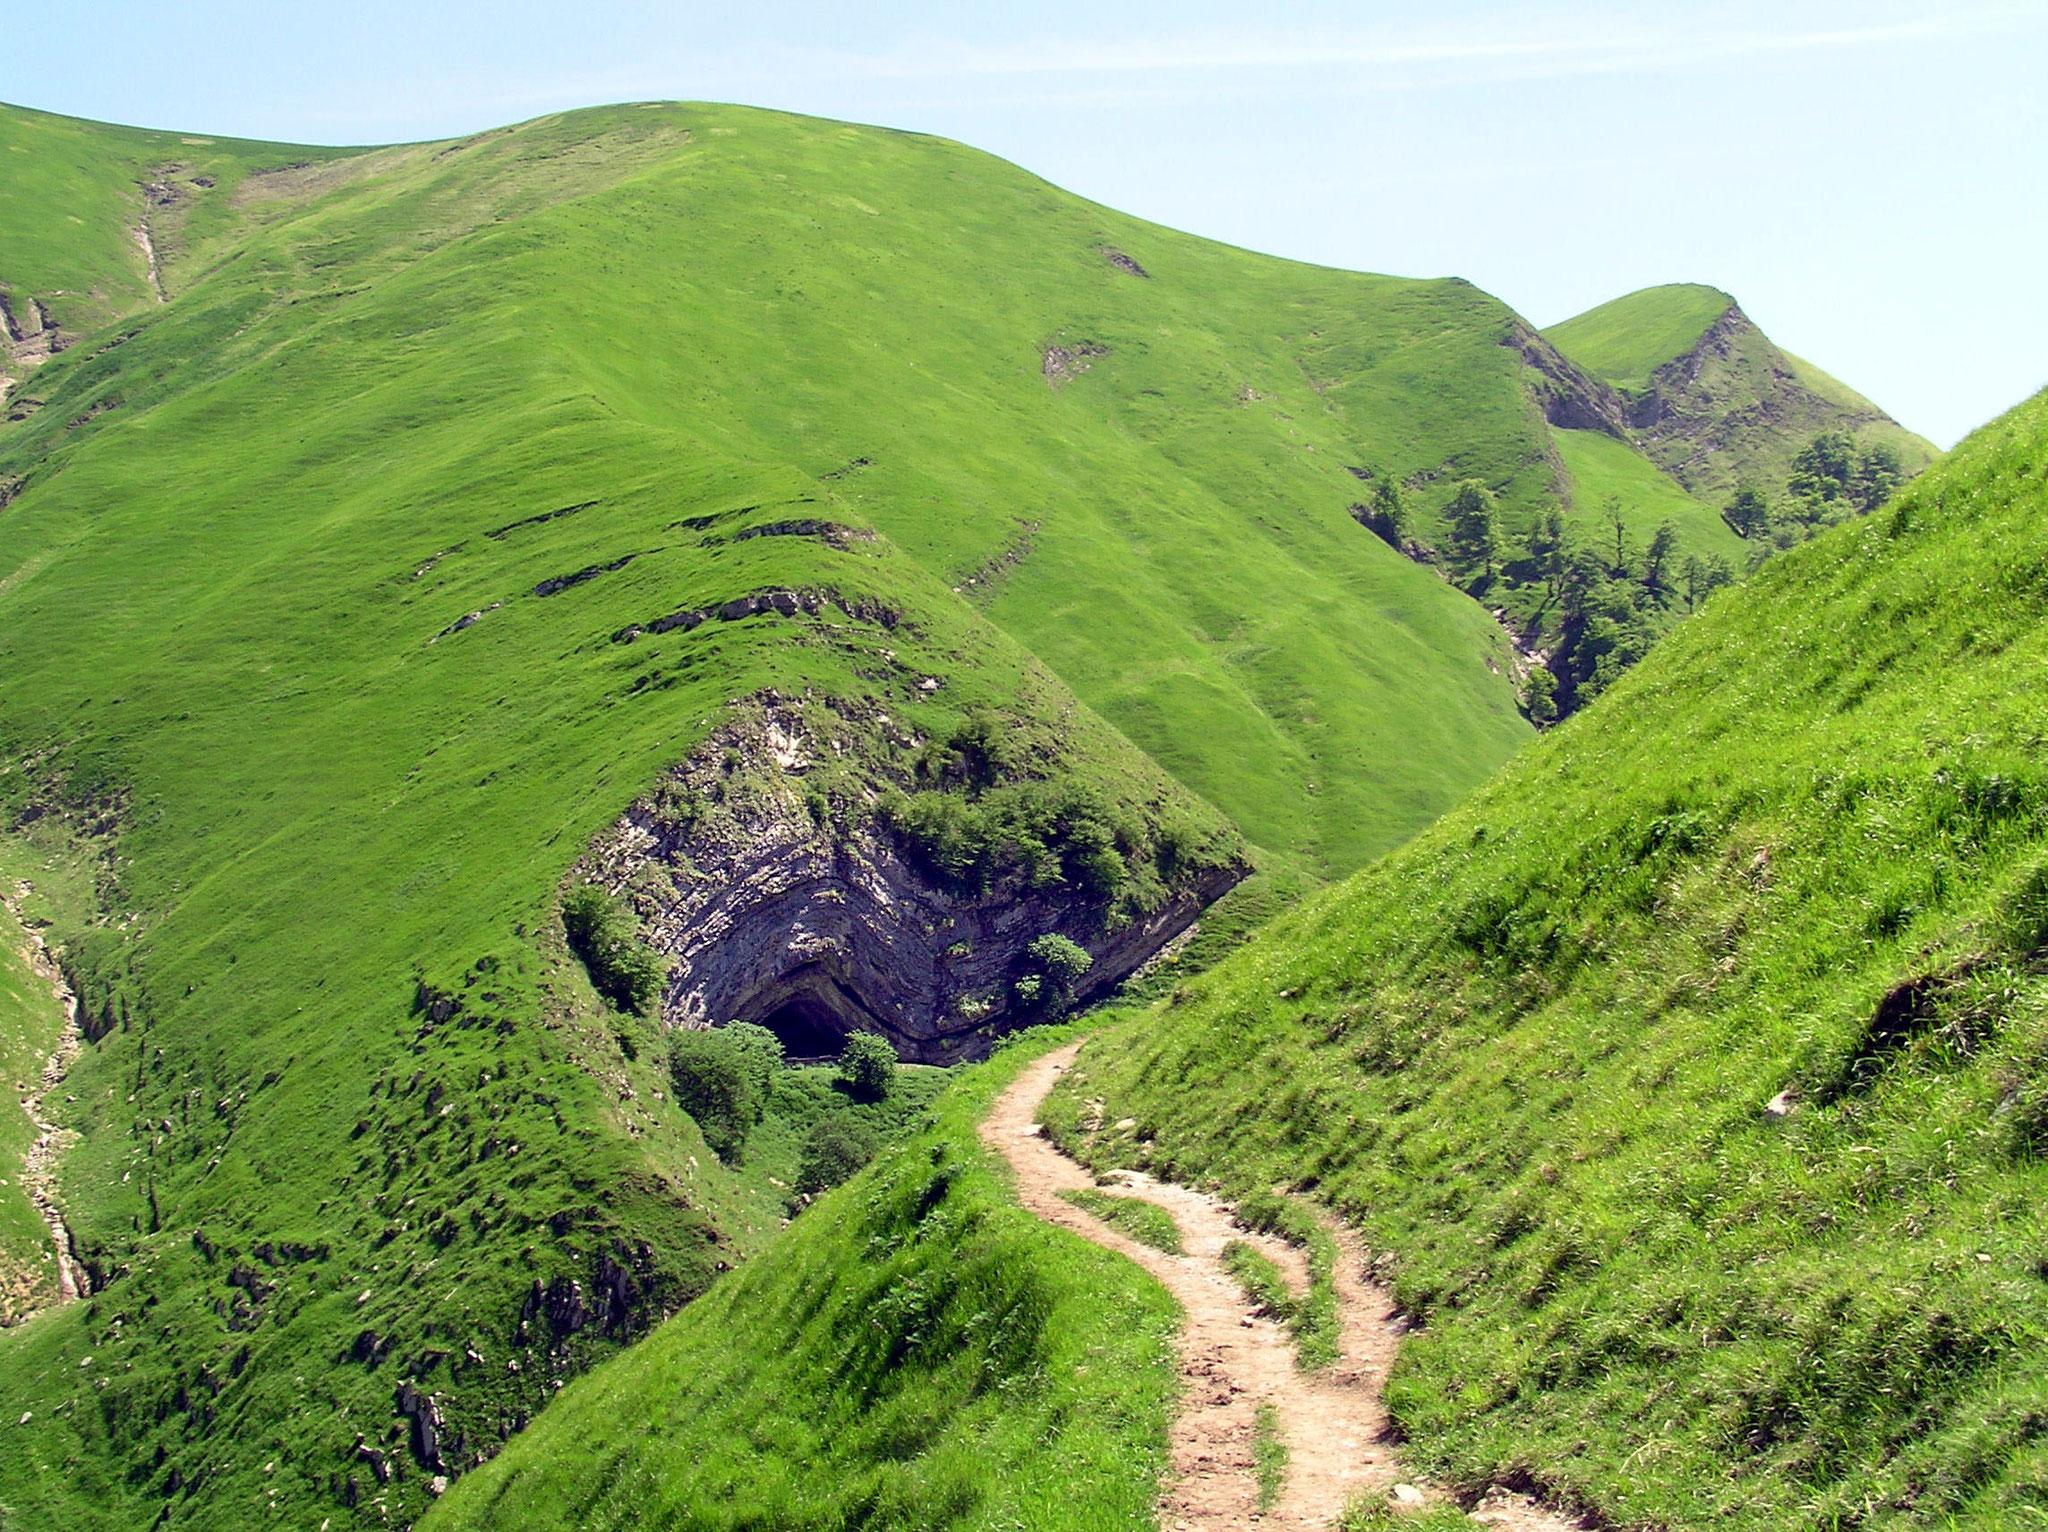 Panorama d'Estérençuby et grotte d'Harpea - Pyrénées-Atlantiques (cliché R. Fabre) – site classé *